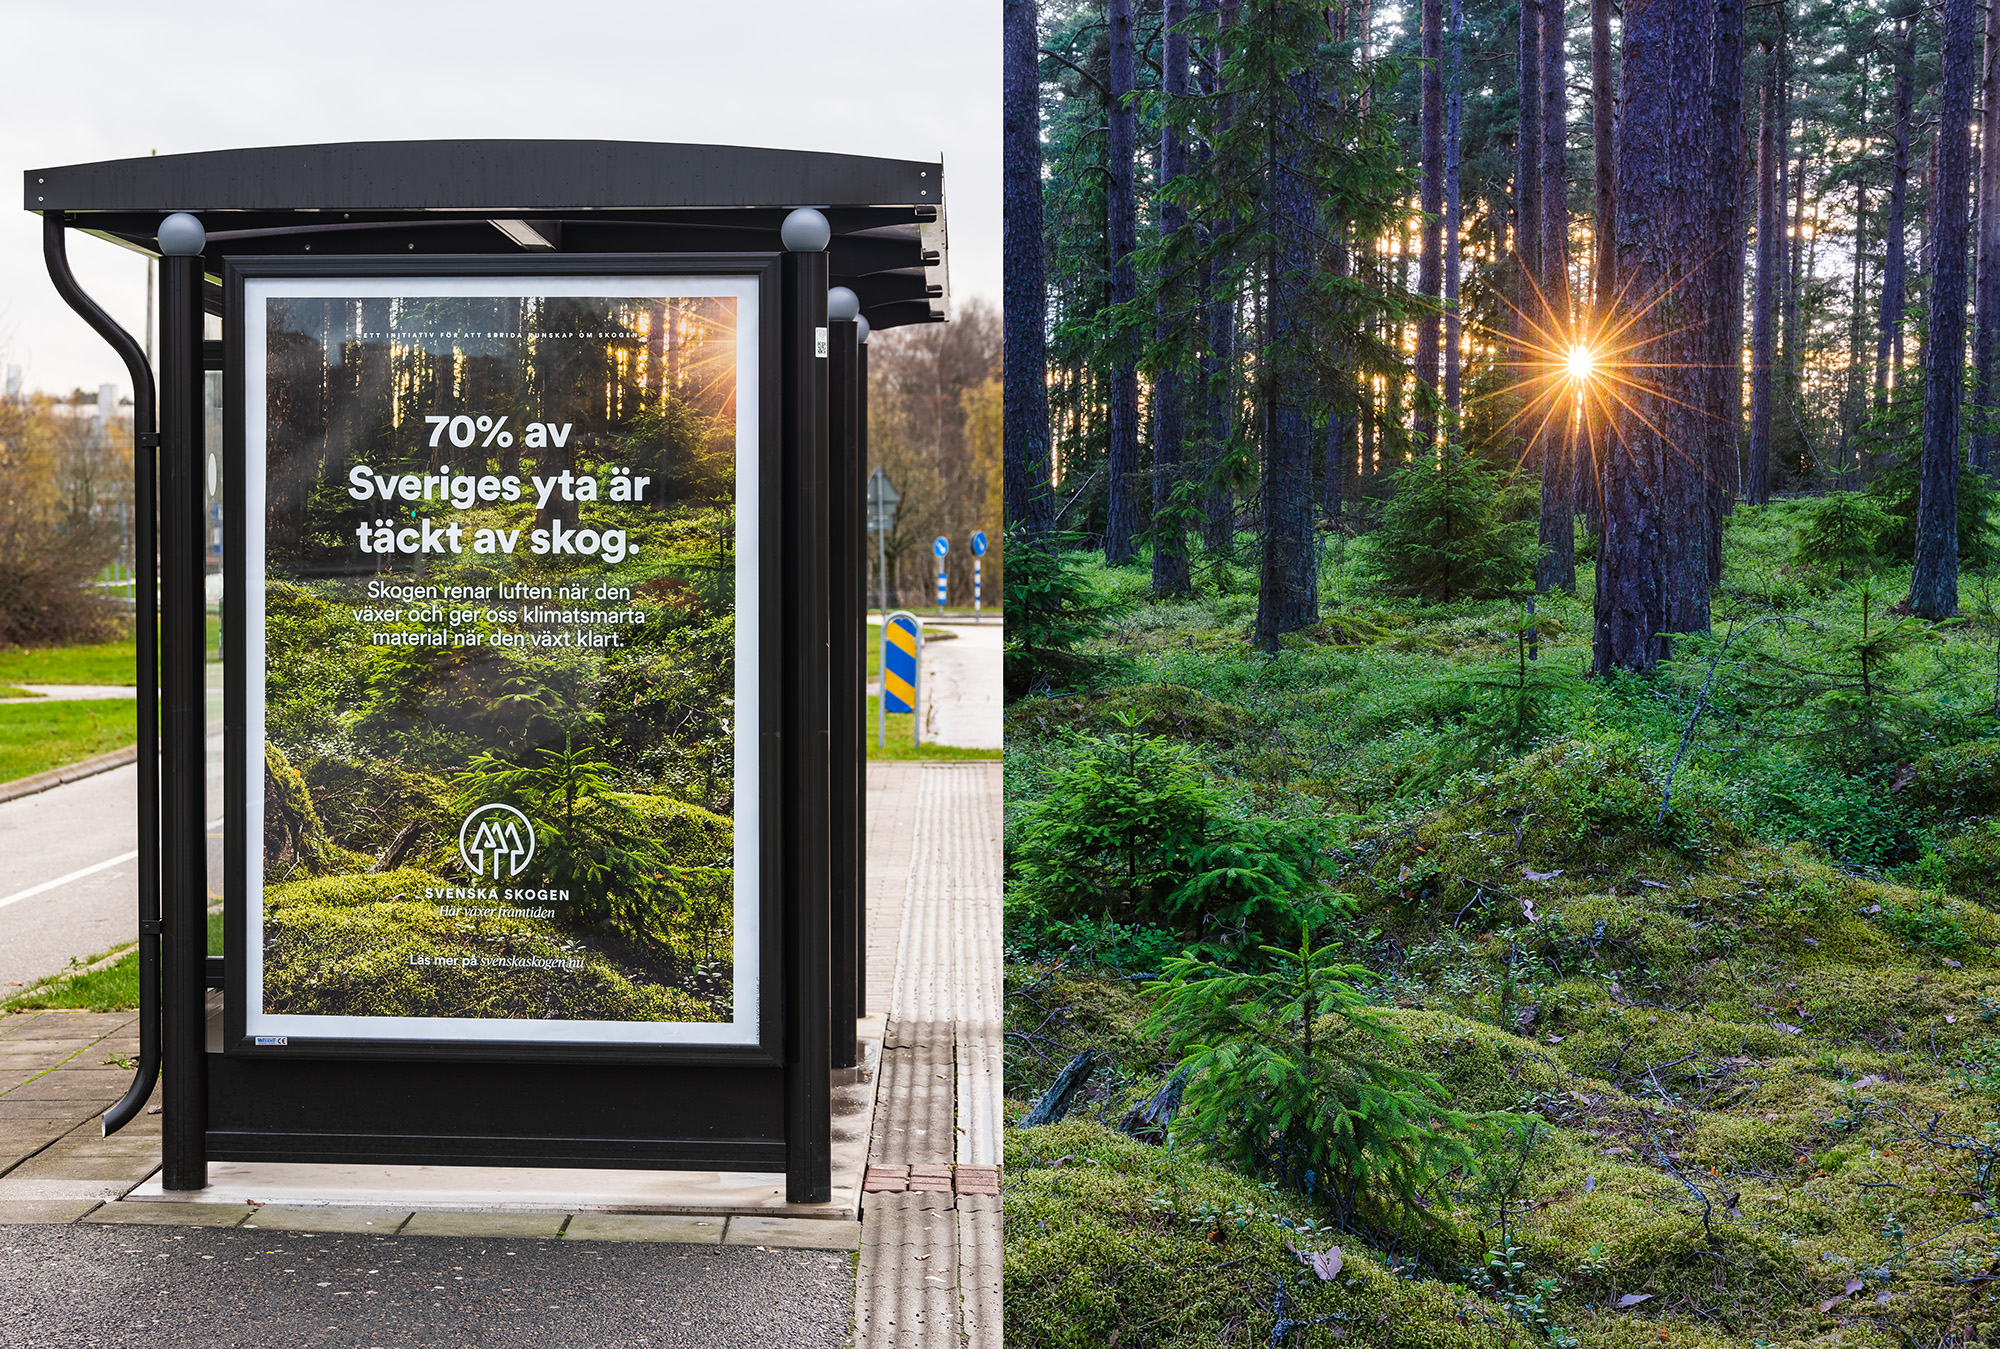 Svenska skogen